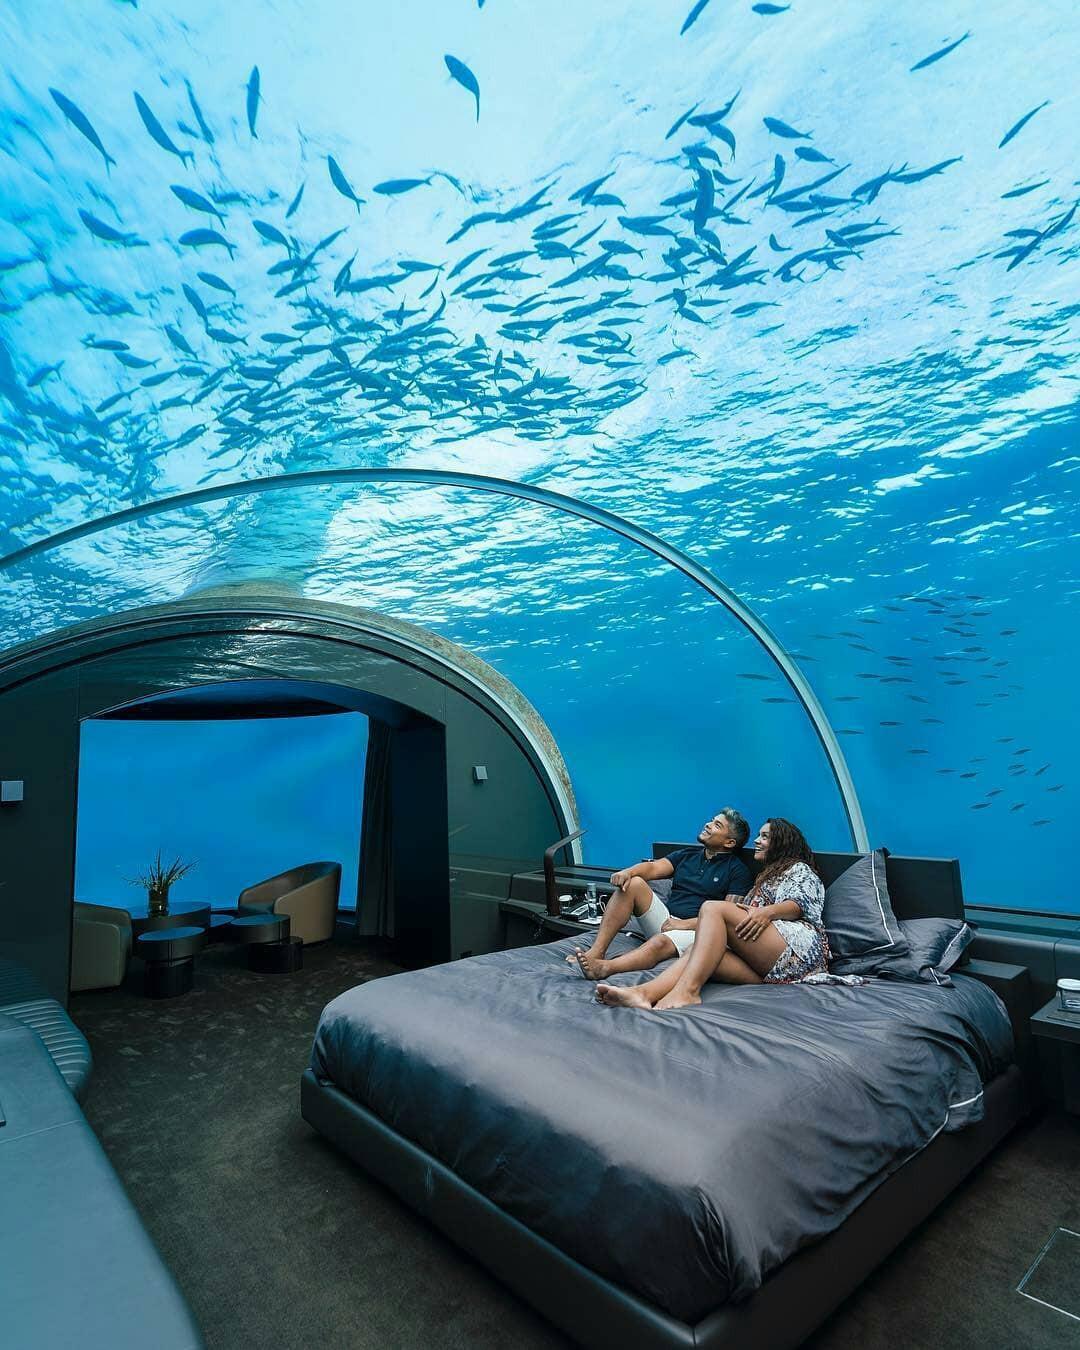 Loá mắt với khách sạn triệu đô dưới đáy biển Ấn Độ Dương mà chỉ giới siêu giàu mới đủ tiền thuê - Ảnh 2.